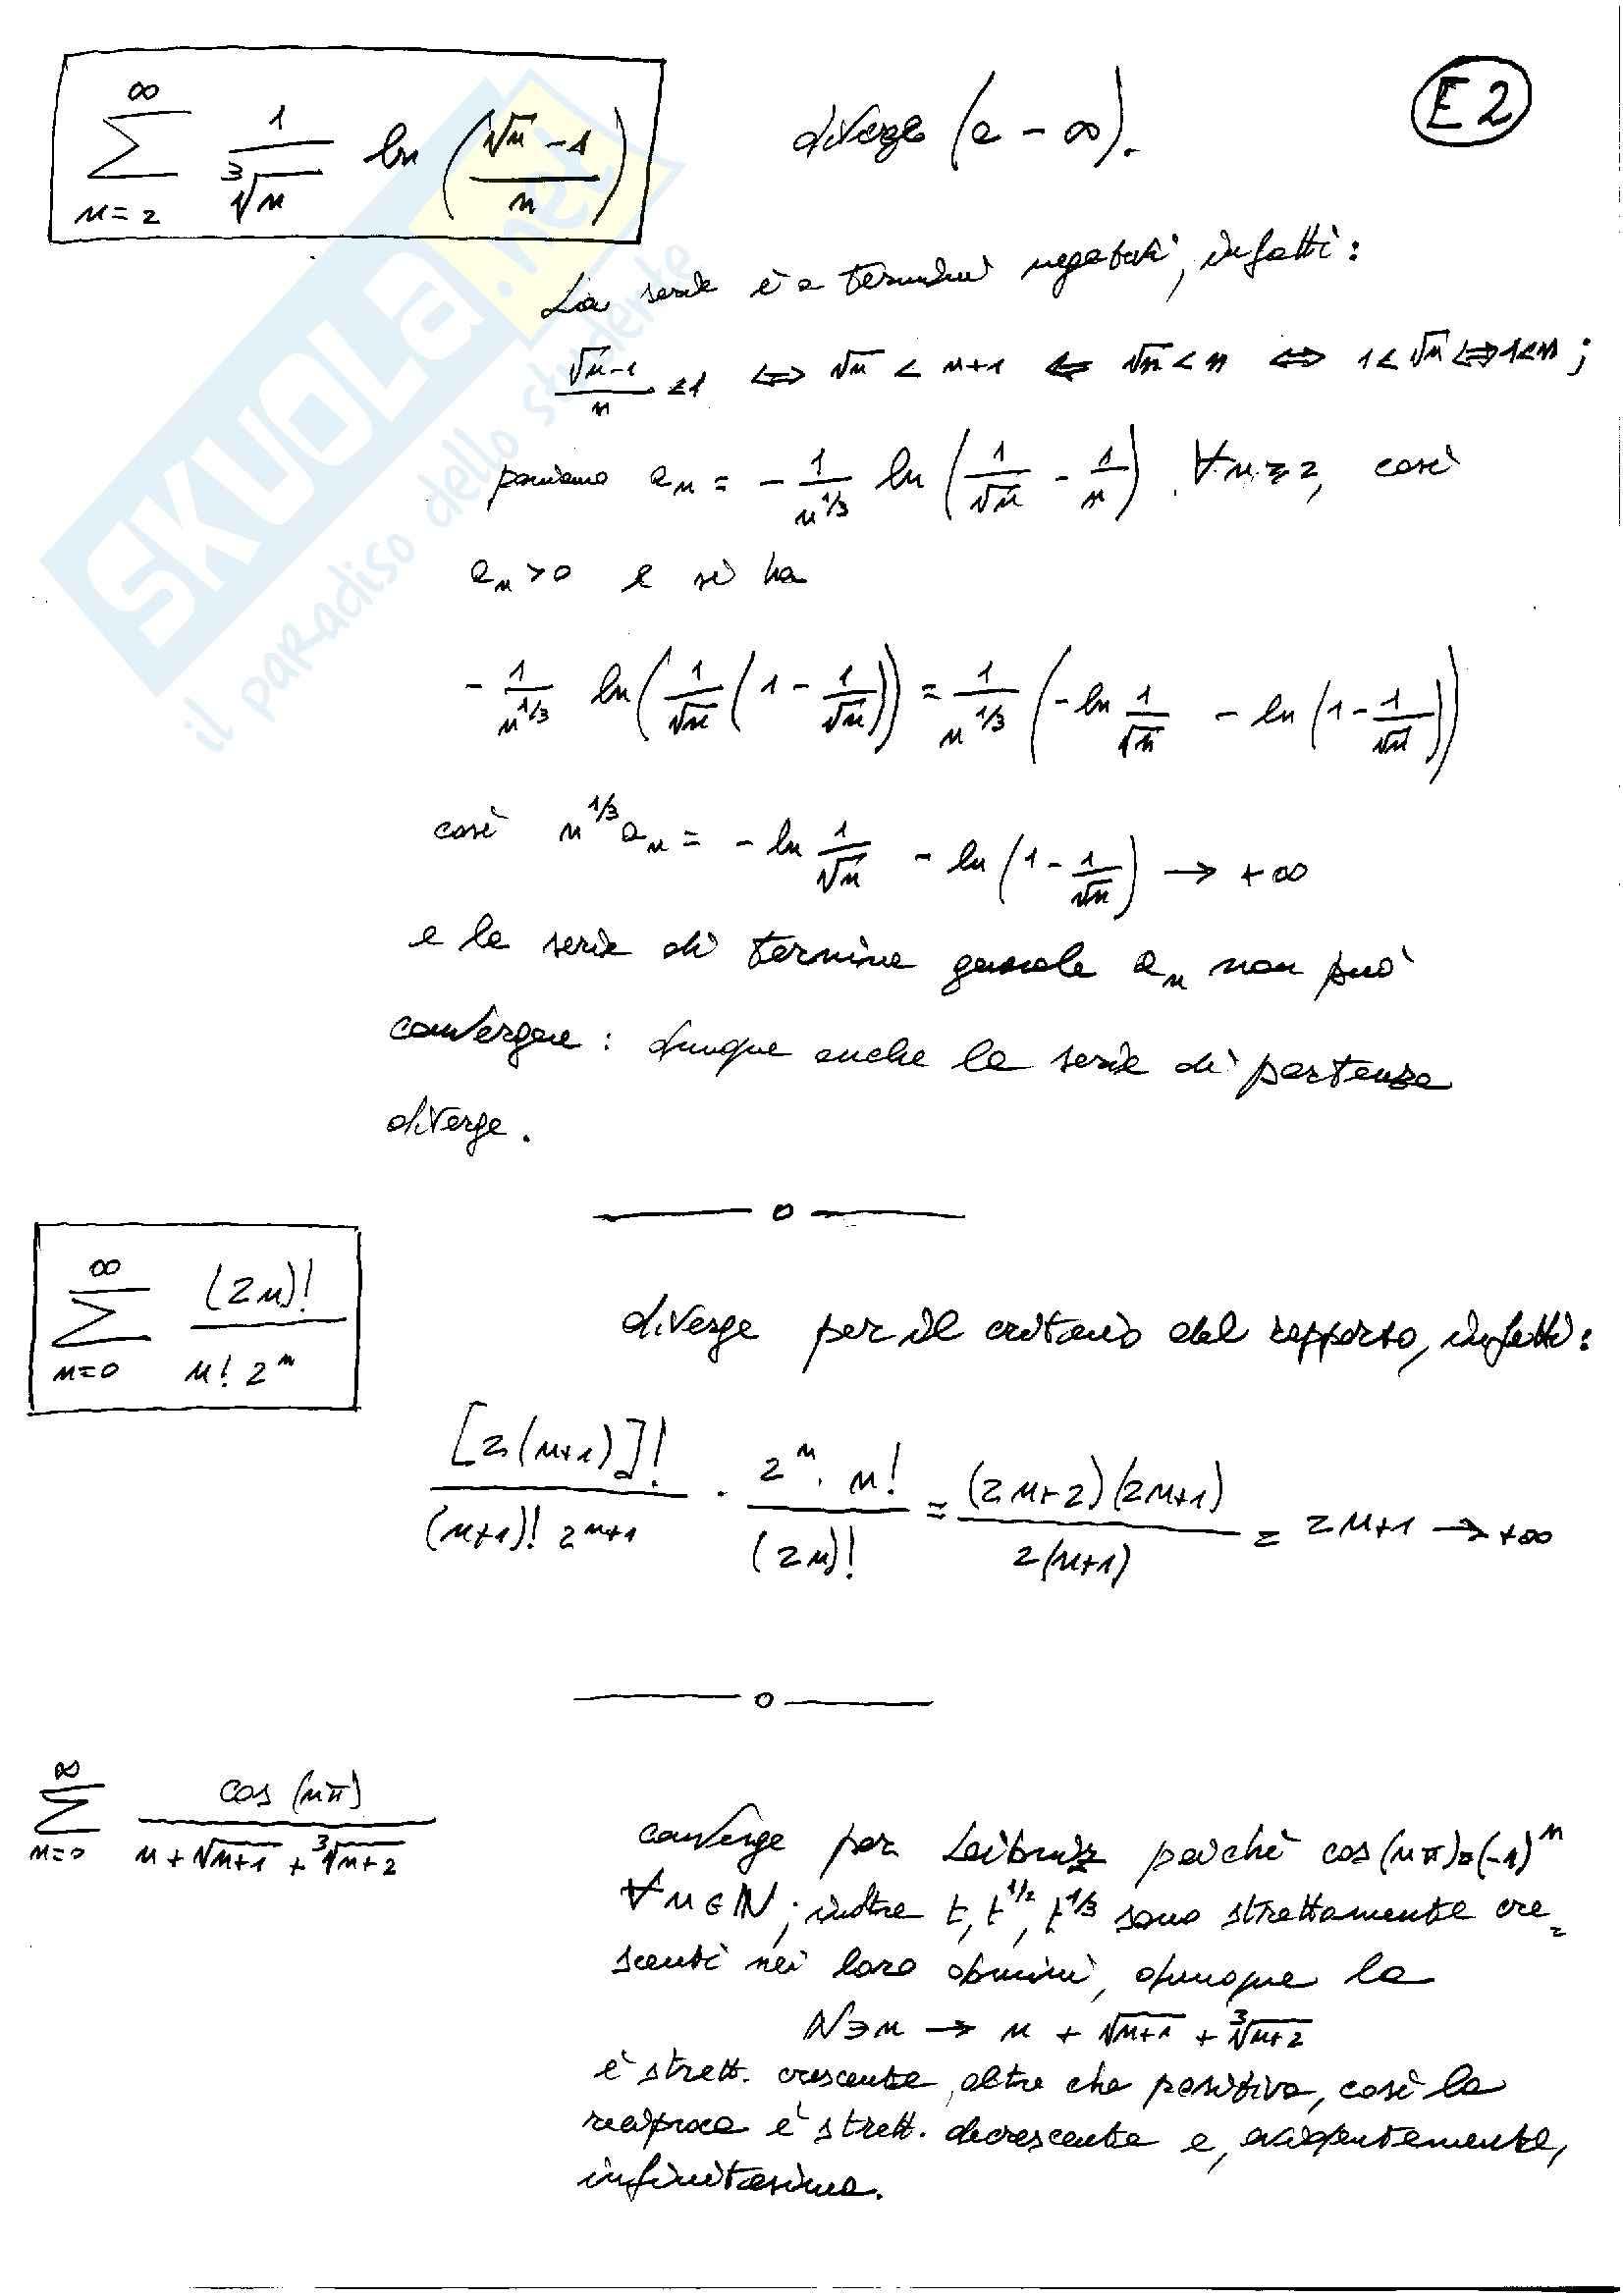 Analisi matematica uno - Testi e soluzioni Pag. 16